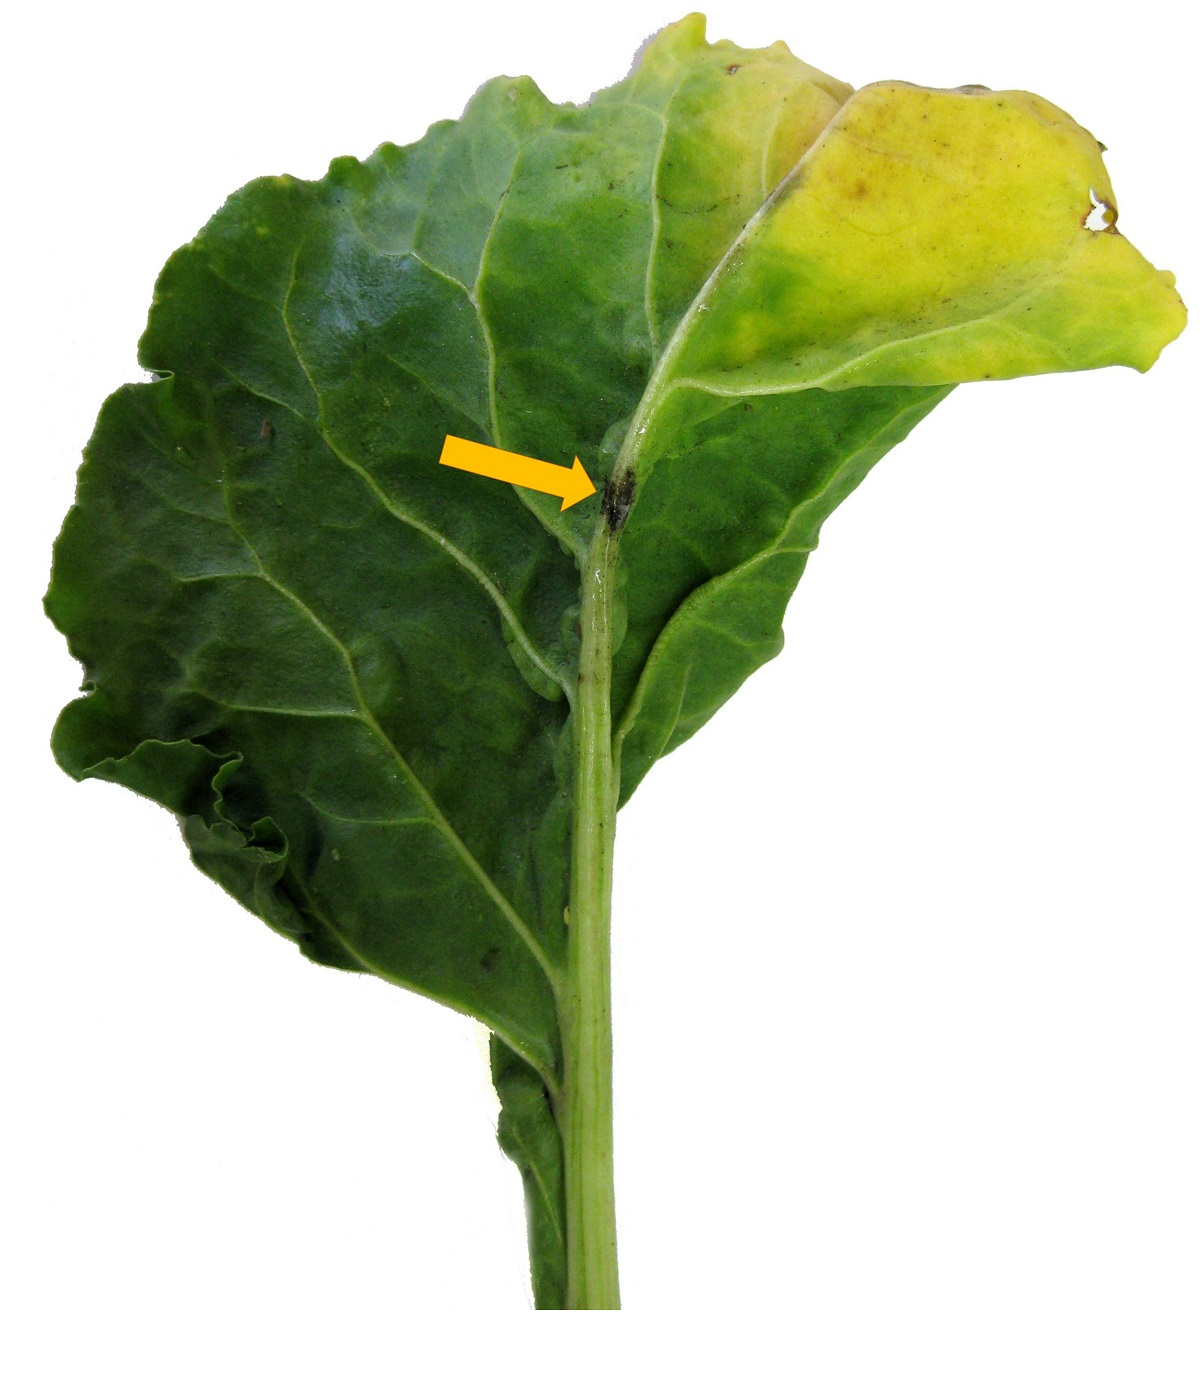 Gele bladtoppen kunnen ontstaan door aantasting van wantsen